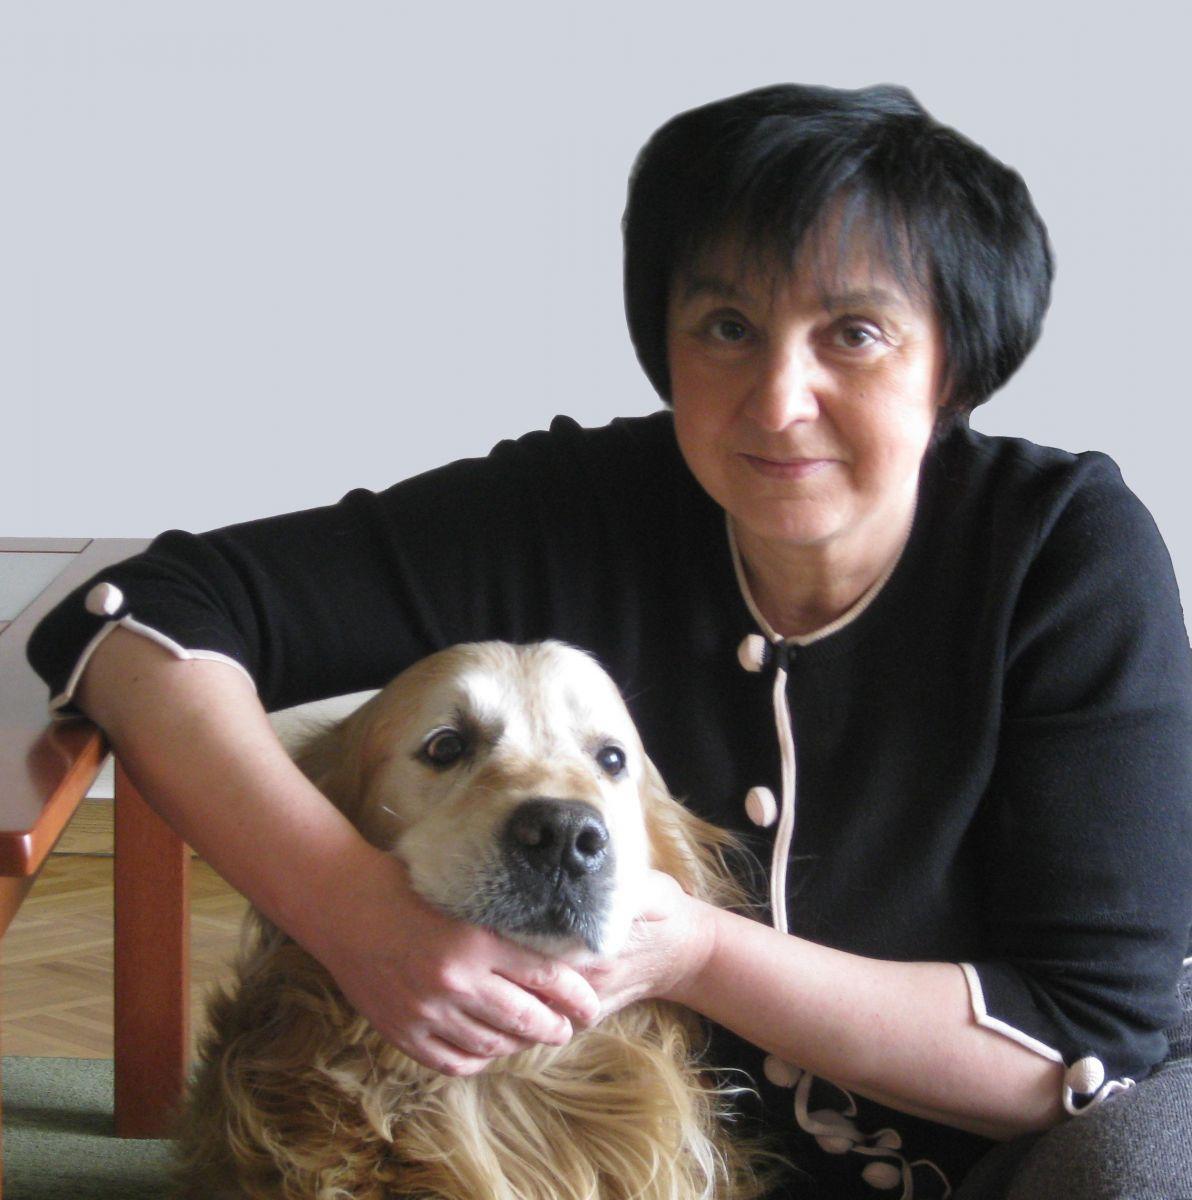 Fotografia portretowa Renata Piątkowska: uśmiechnieta kobieta w krótko ściętych włosach, trzyma obok siebie psa.